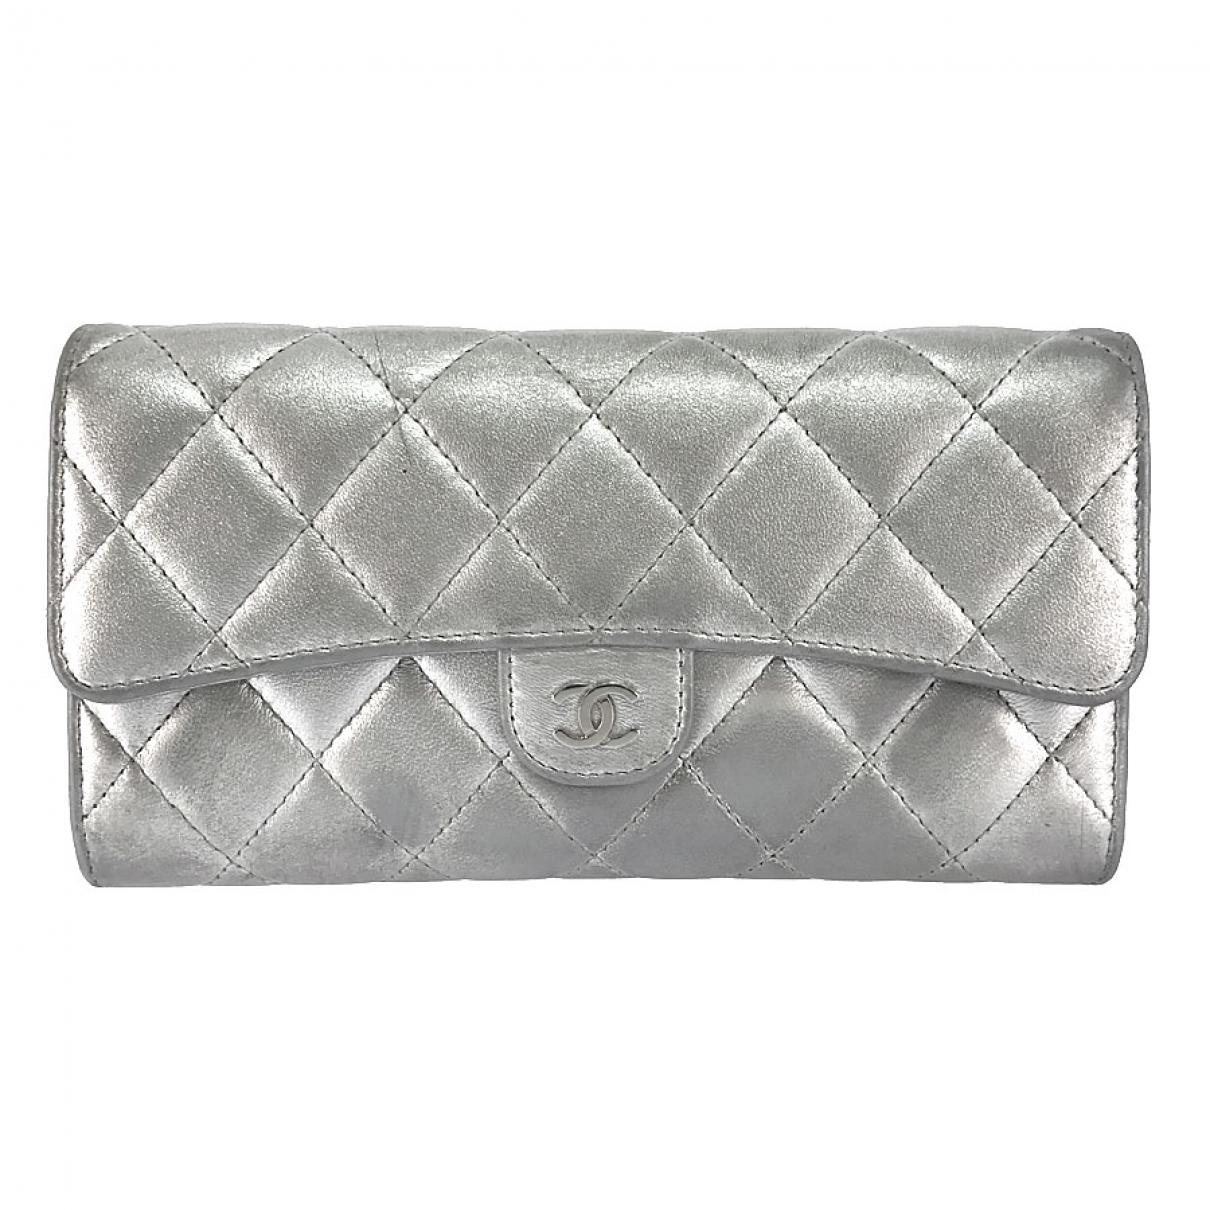 Chanel - Portefeuille Timeless/Classique pour femme en cuir - argente